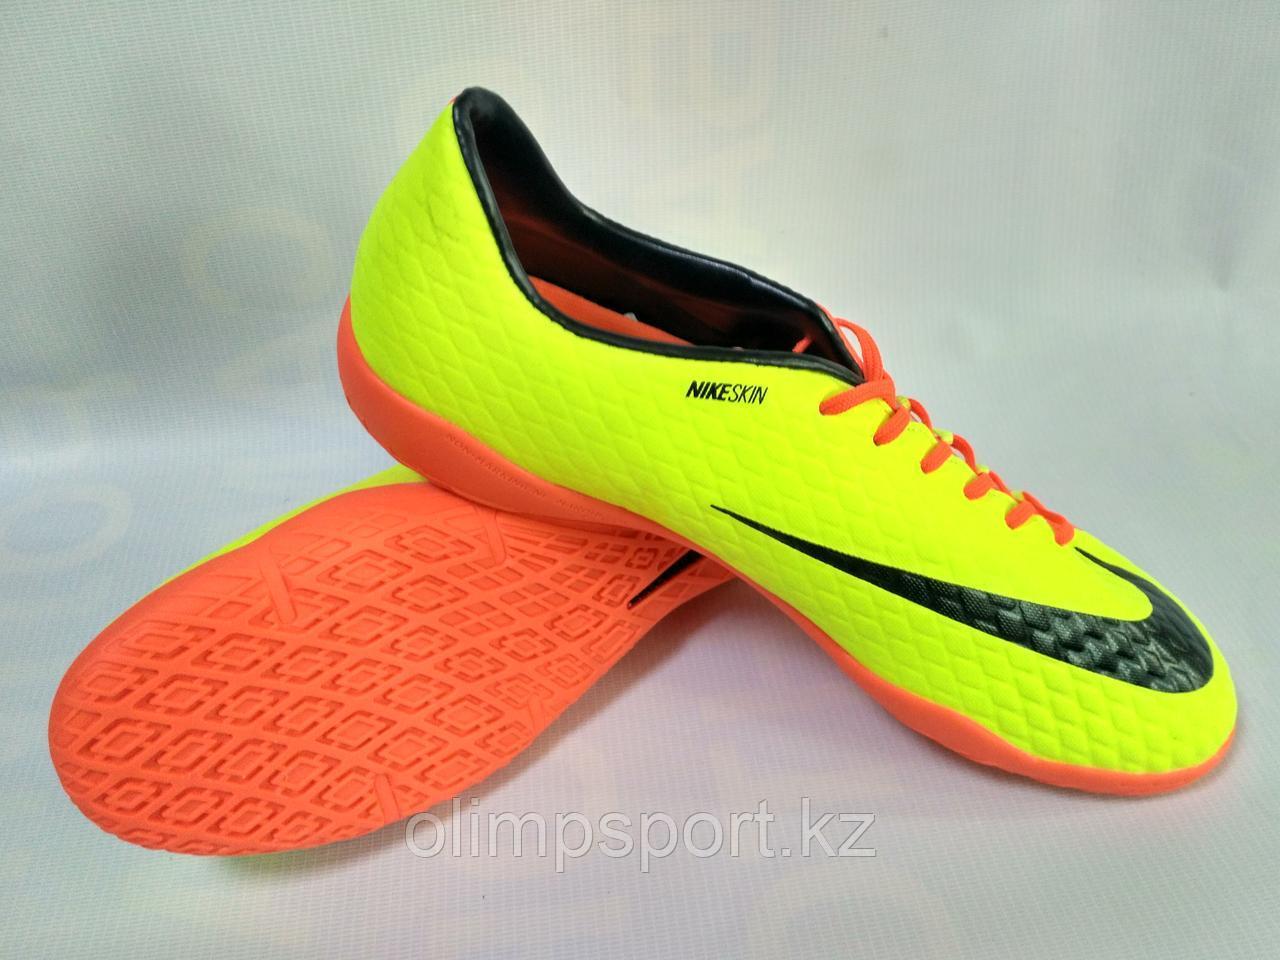 Обувь футбольная, футзалки Nike HypervenomX Phelon